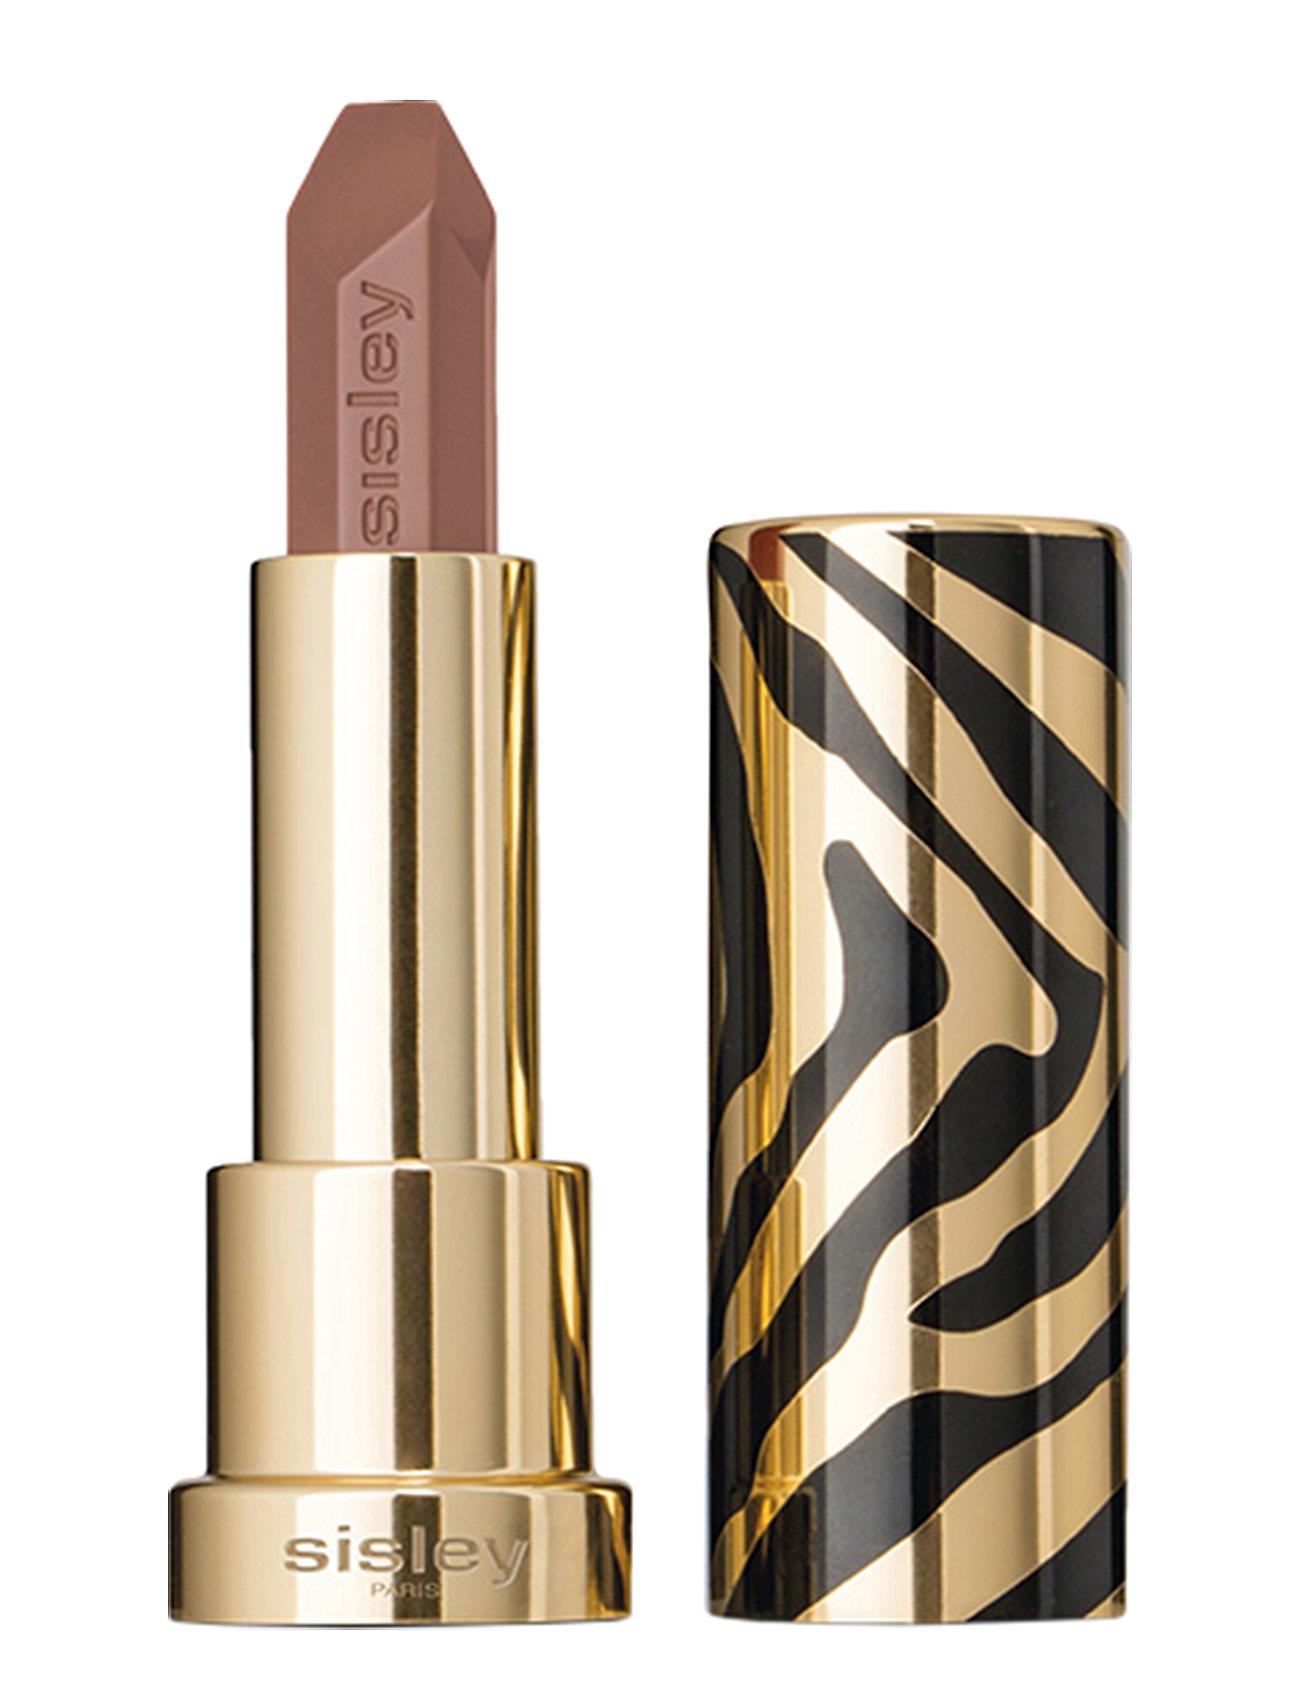 Image of Le Phyto Rouge 11 - Beige Tahiti Læbestift Makeup Beige Sisley (3075388501)